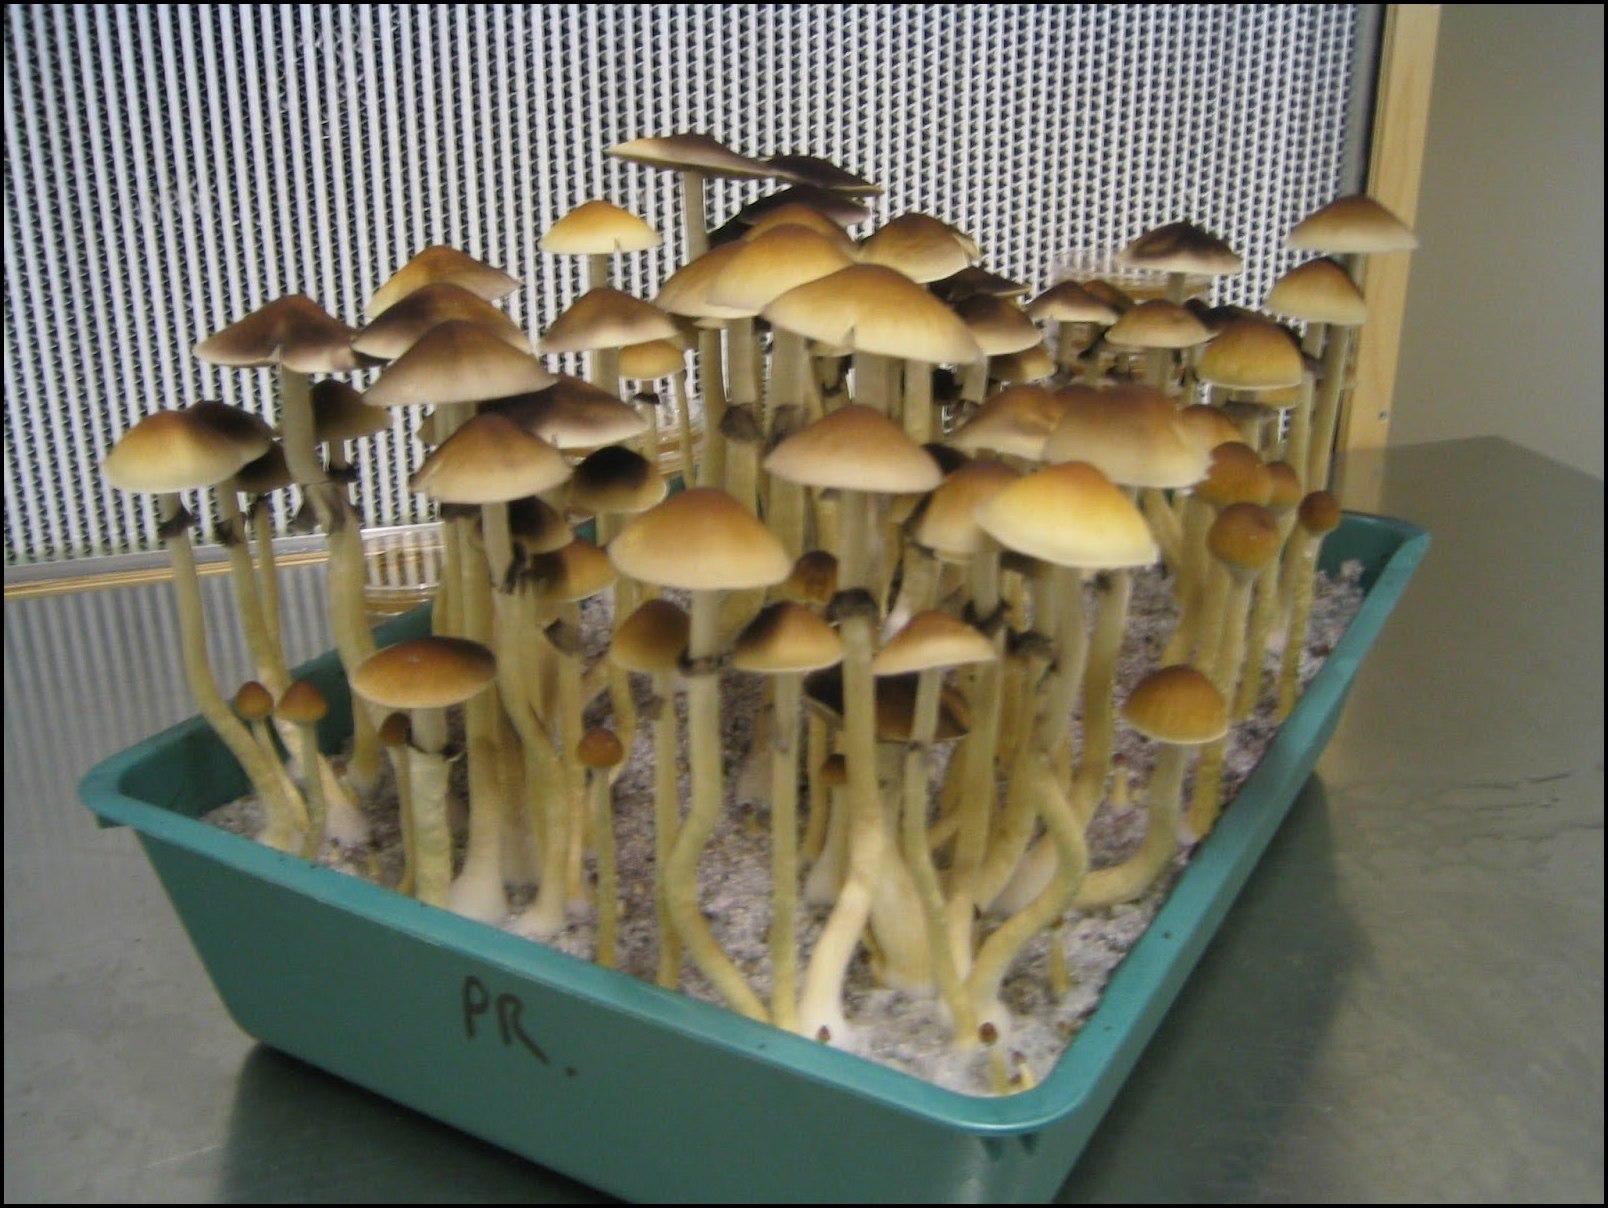 how to grow psychodelic mushrooms